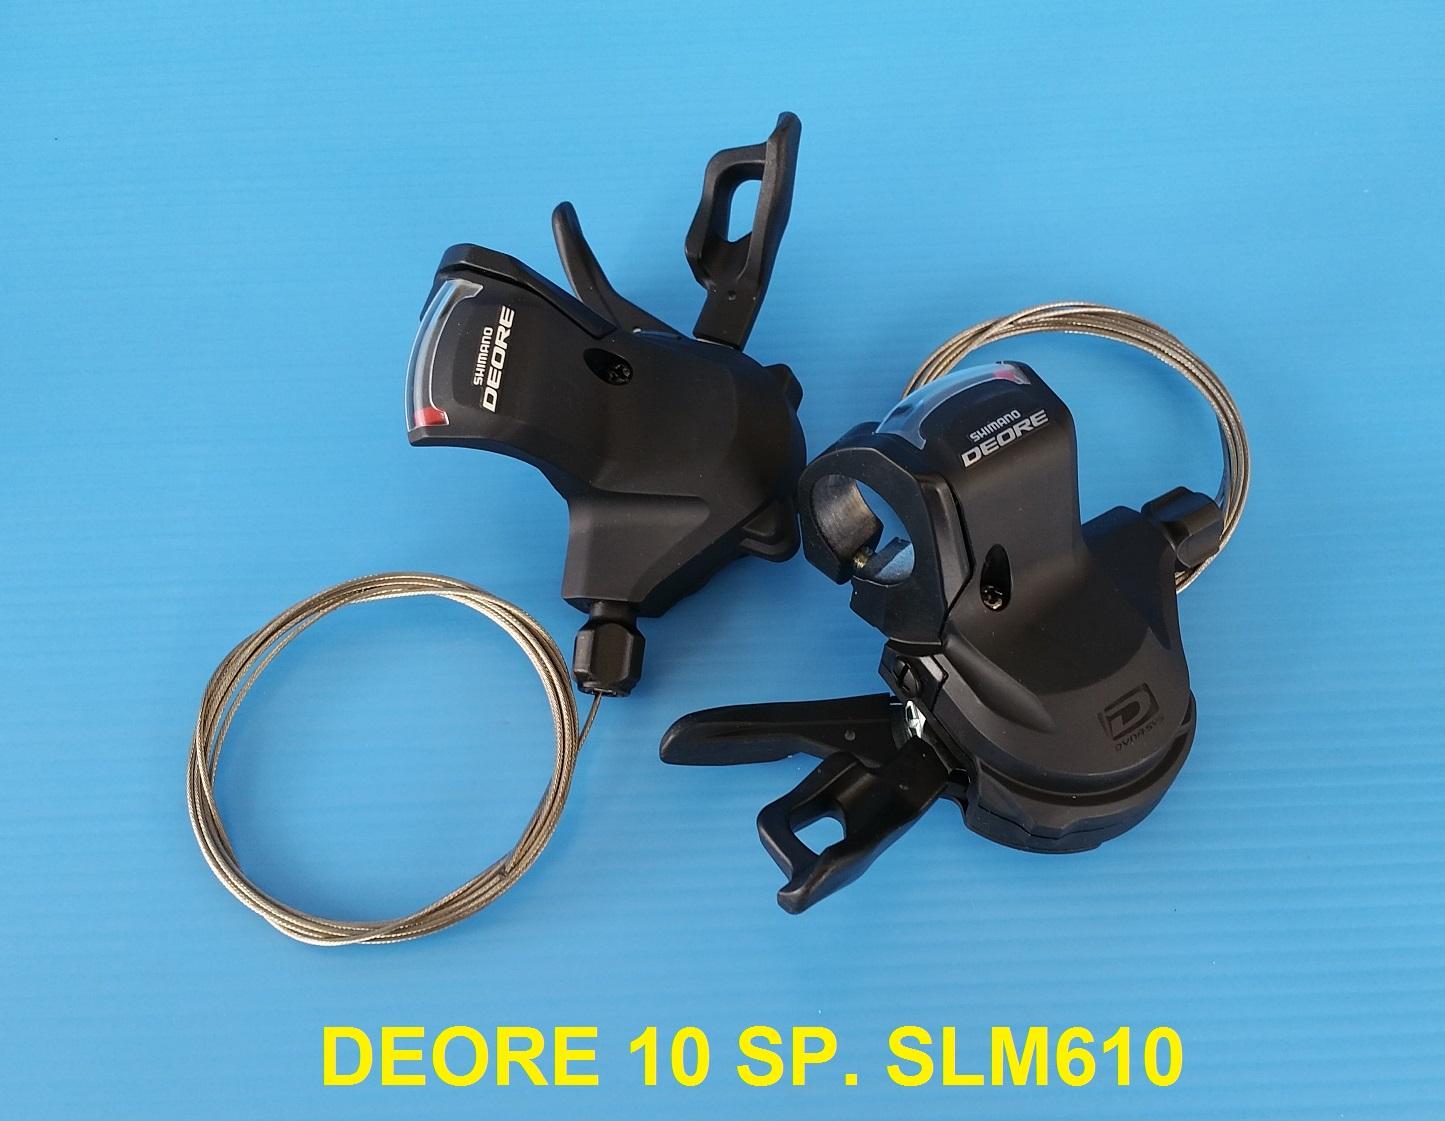 มือเกียร์ Shimano DEORE SLM610 10 Speed